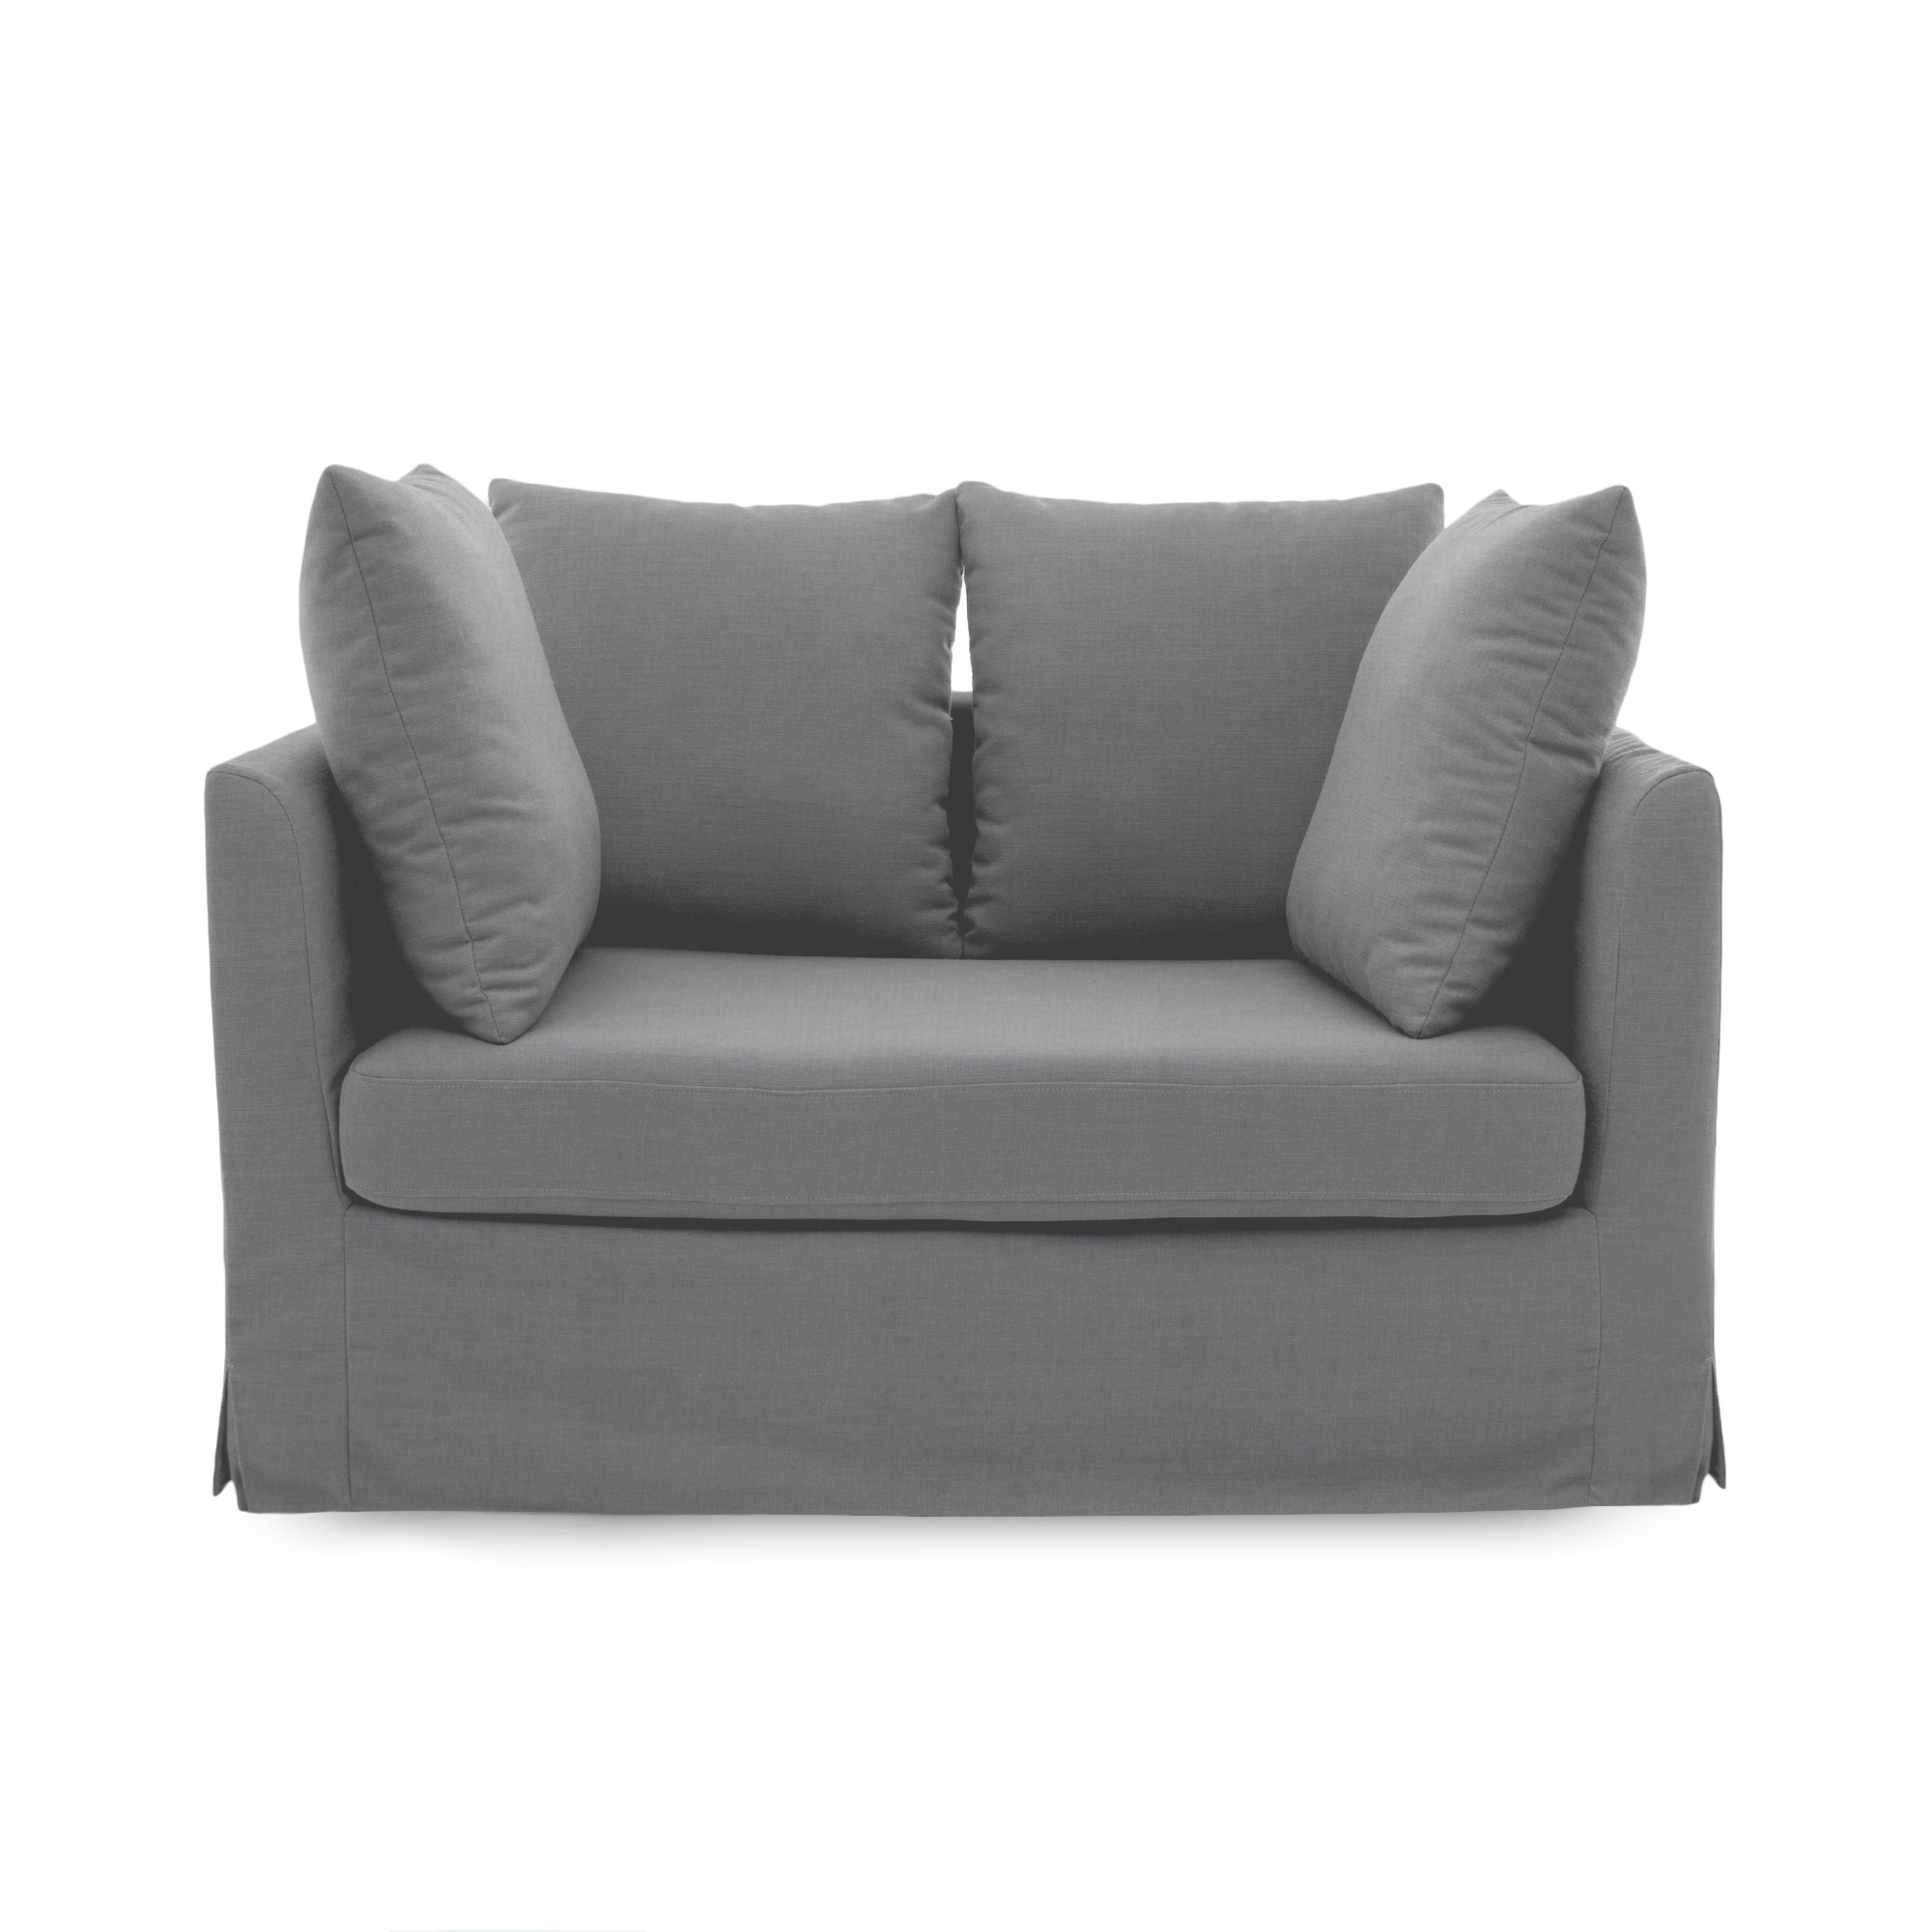 Canapea Fixa 2 locuri Coraly Light Grey